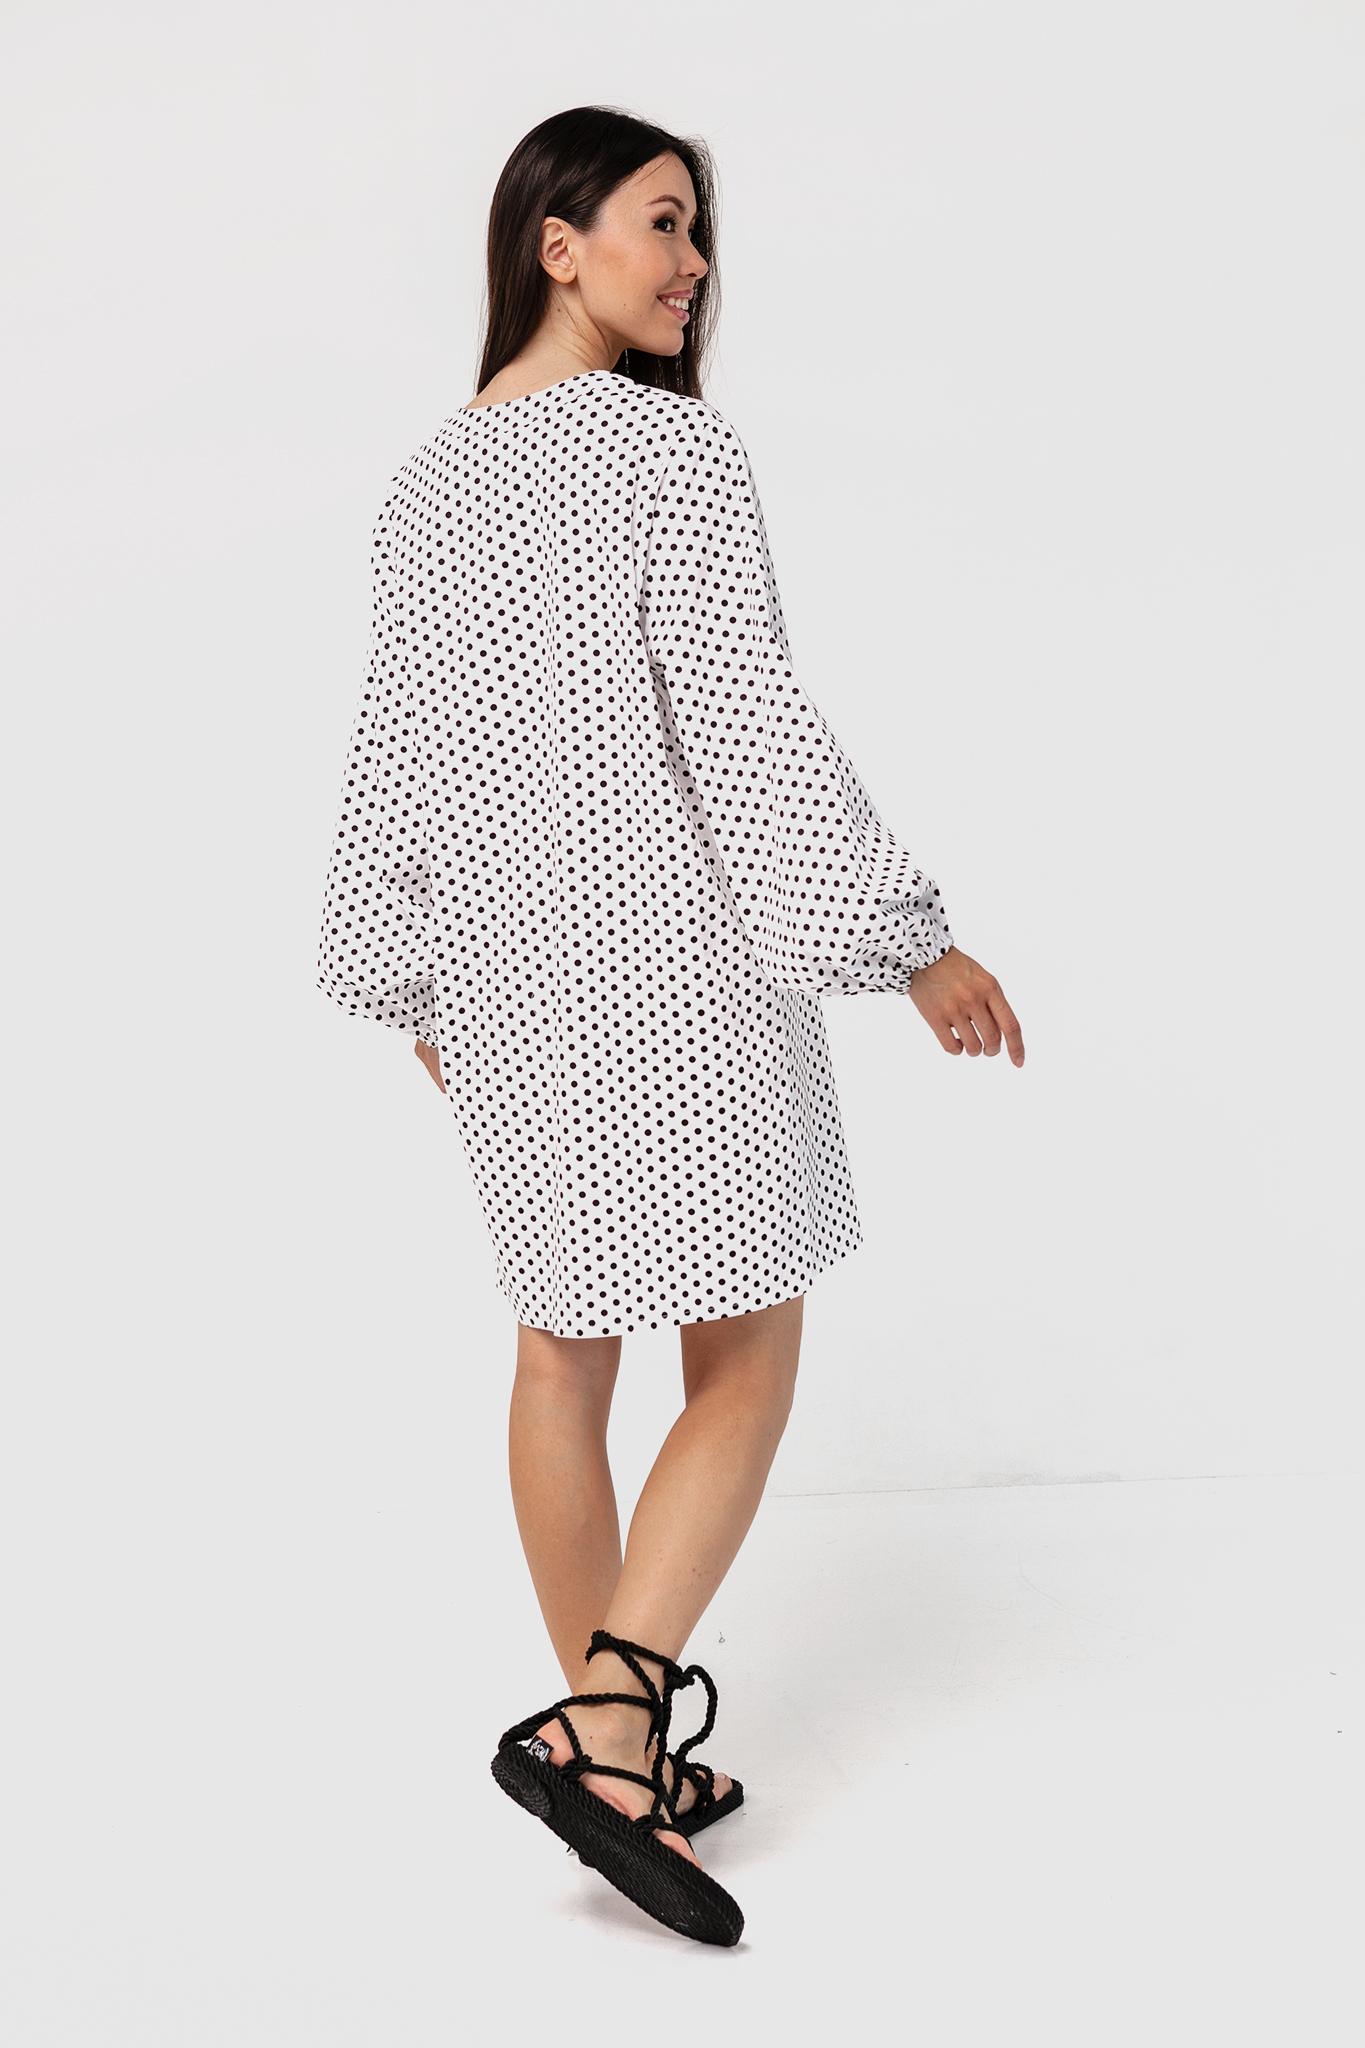 Платье-рубашка хлопковое с объемными рукавами в горошек YOS от украинского бренда Your Own Style